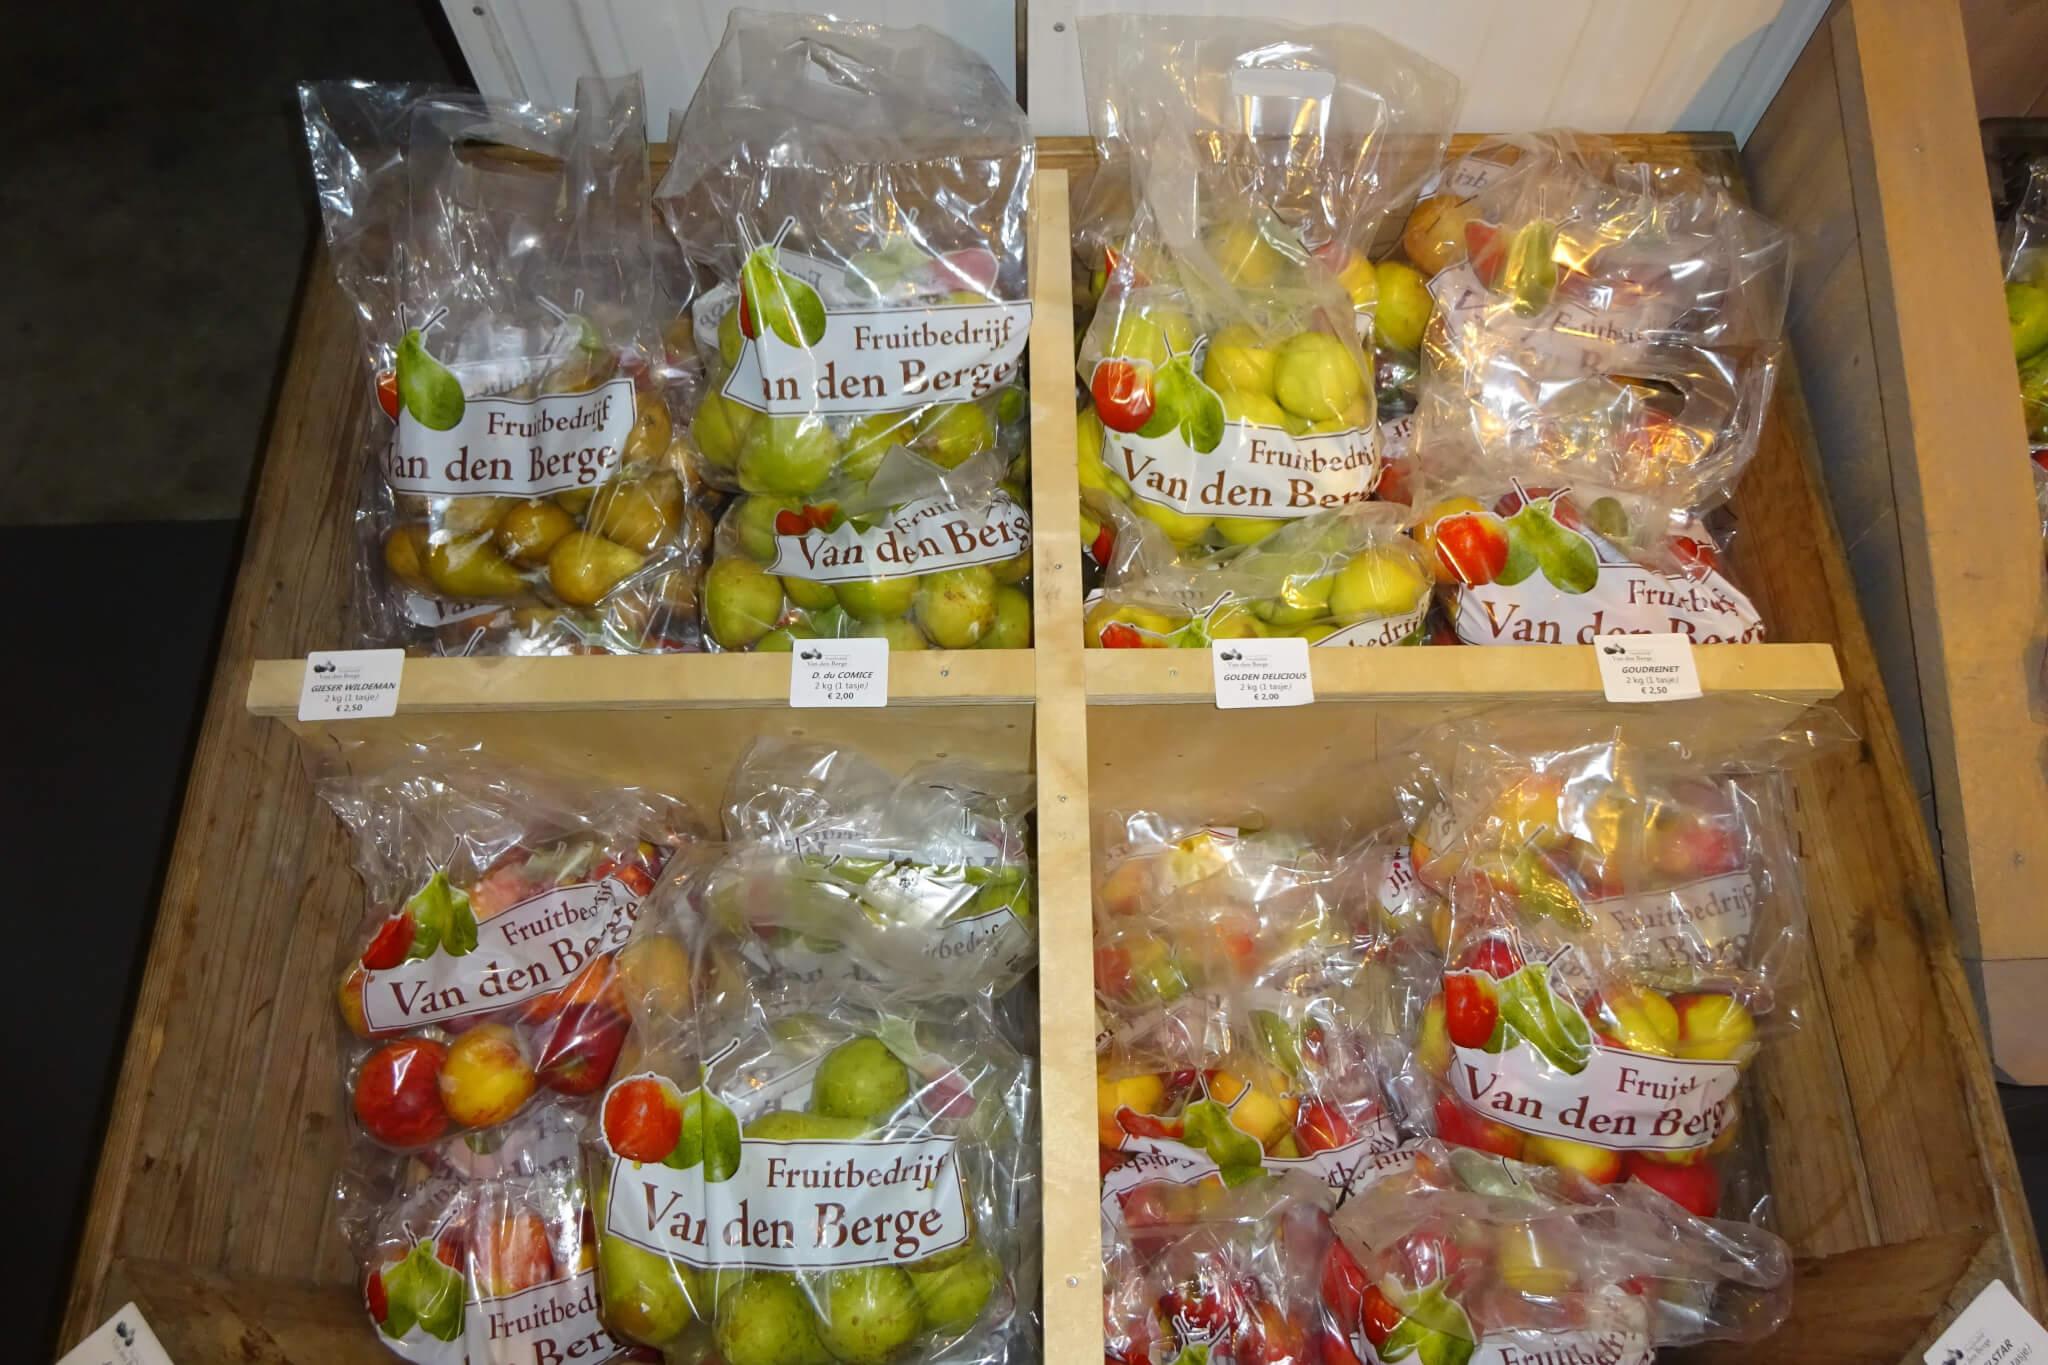 Fruitbedrijf Van den Berge: Fruit in voorraadkist